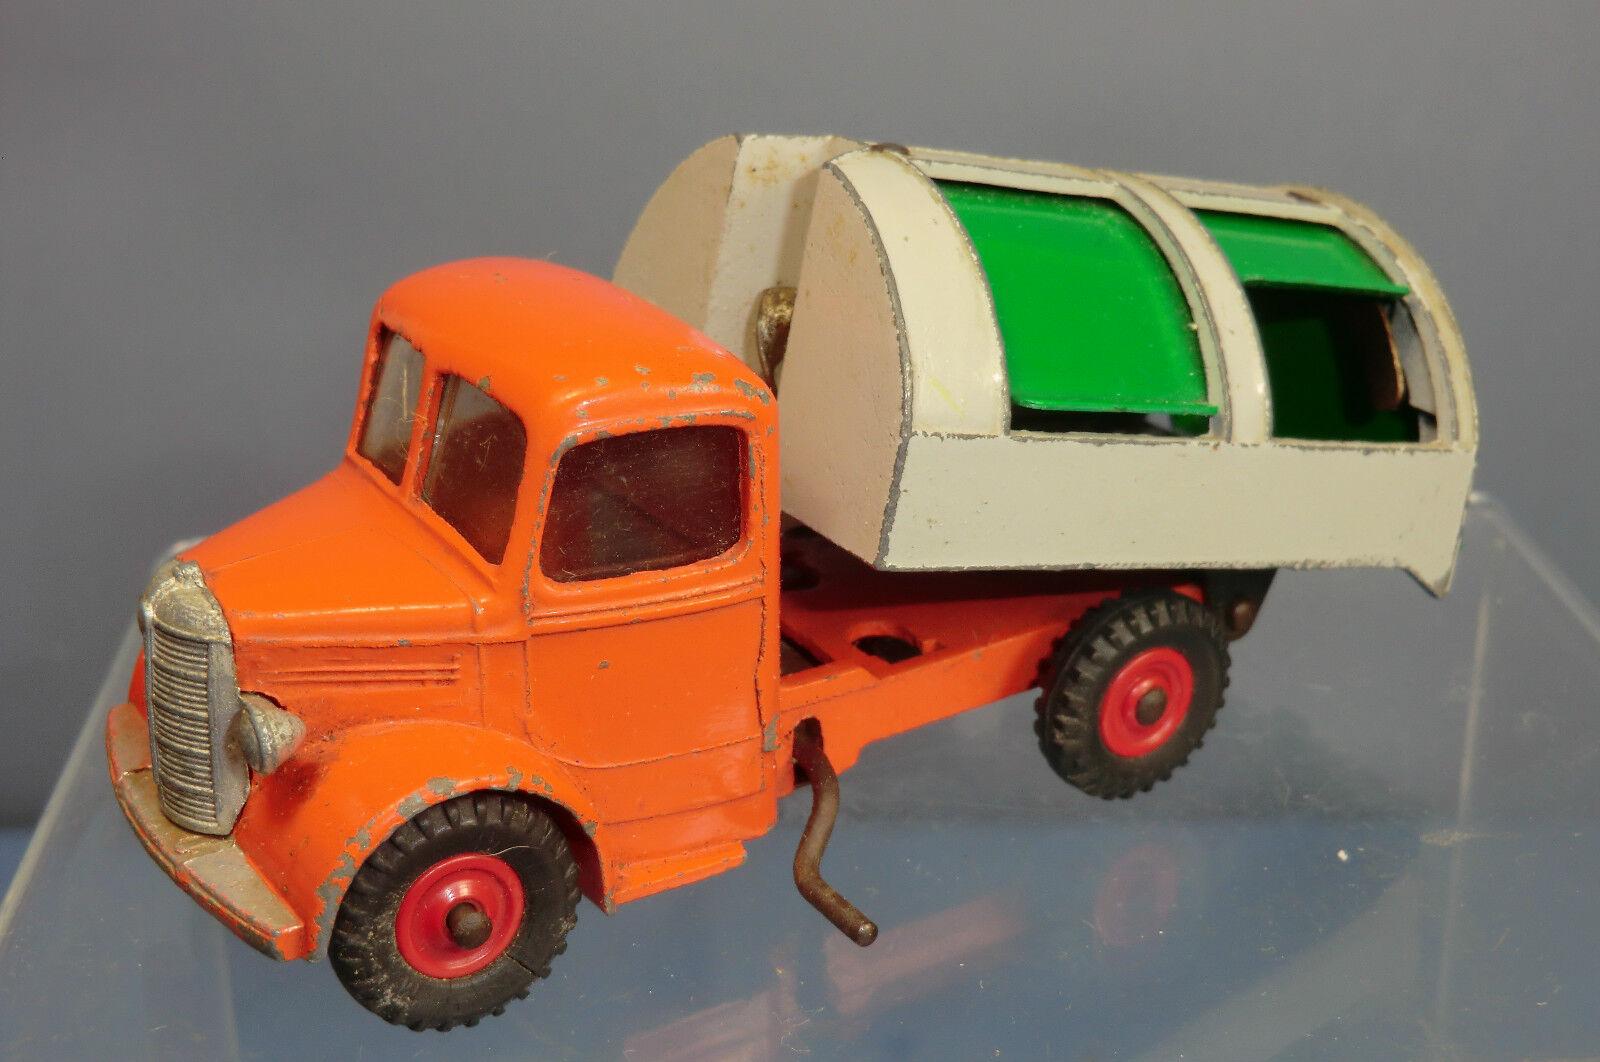 gran venta Dinky Juguetes Modelo No.252 No.252 No.252 Bedford rechazar Vagón  Naranja gris versión  Raro  ordenar ahora